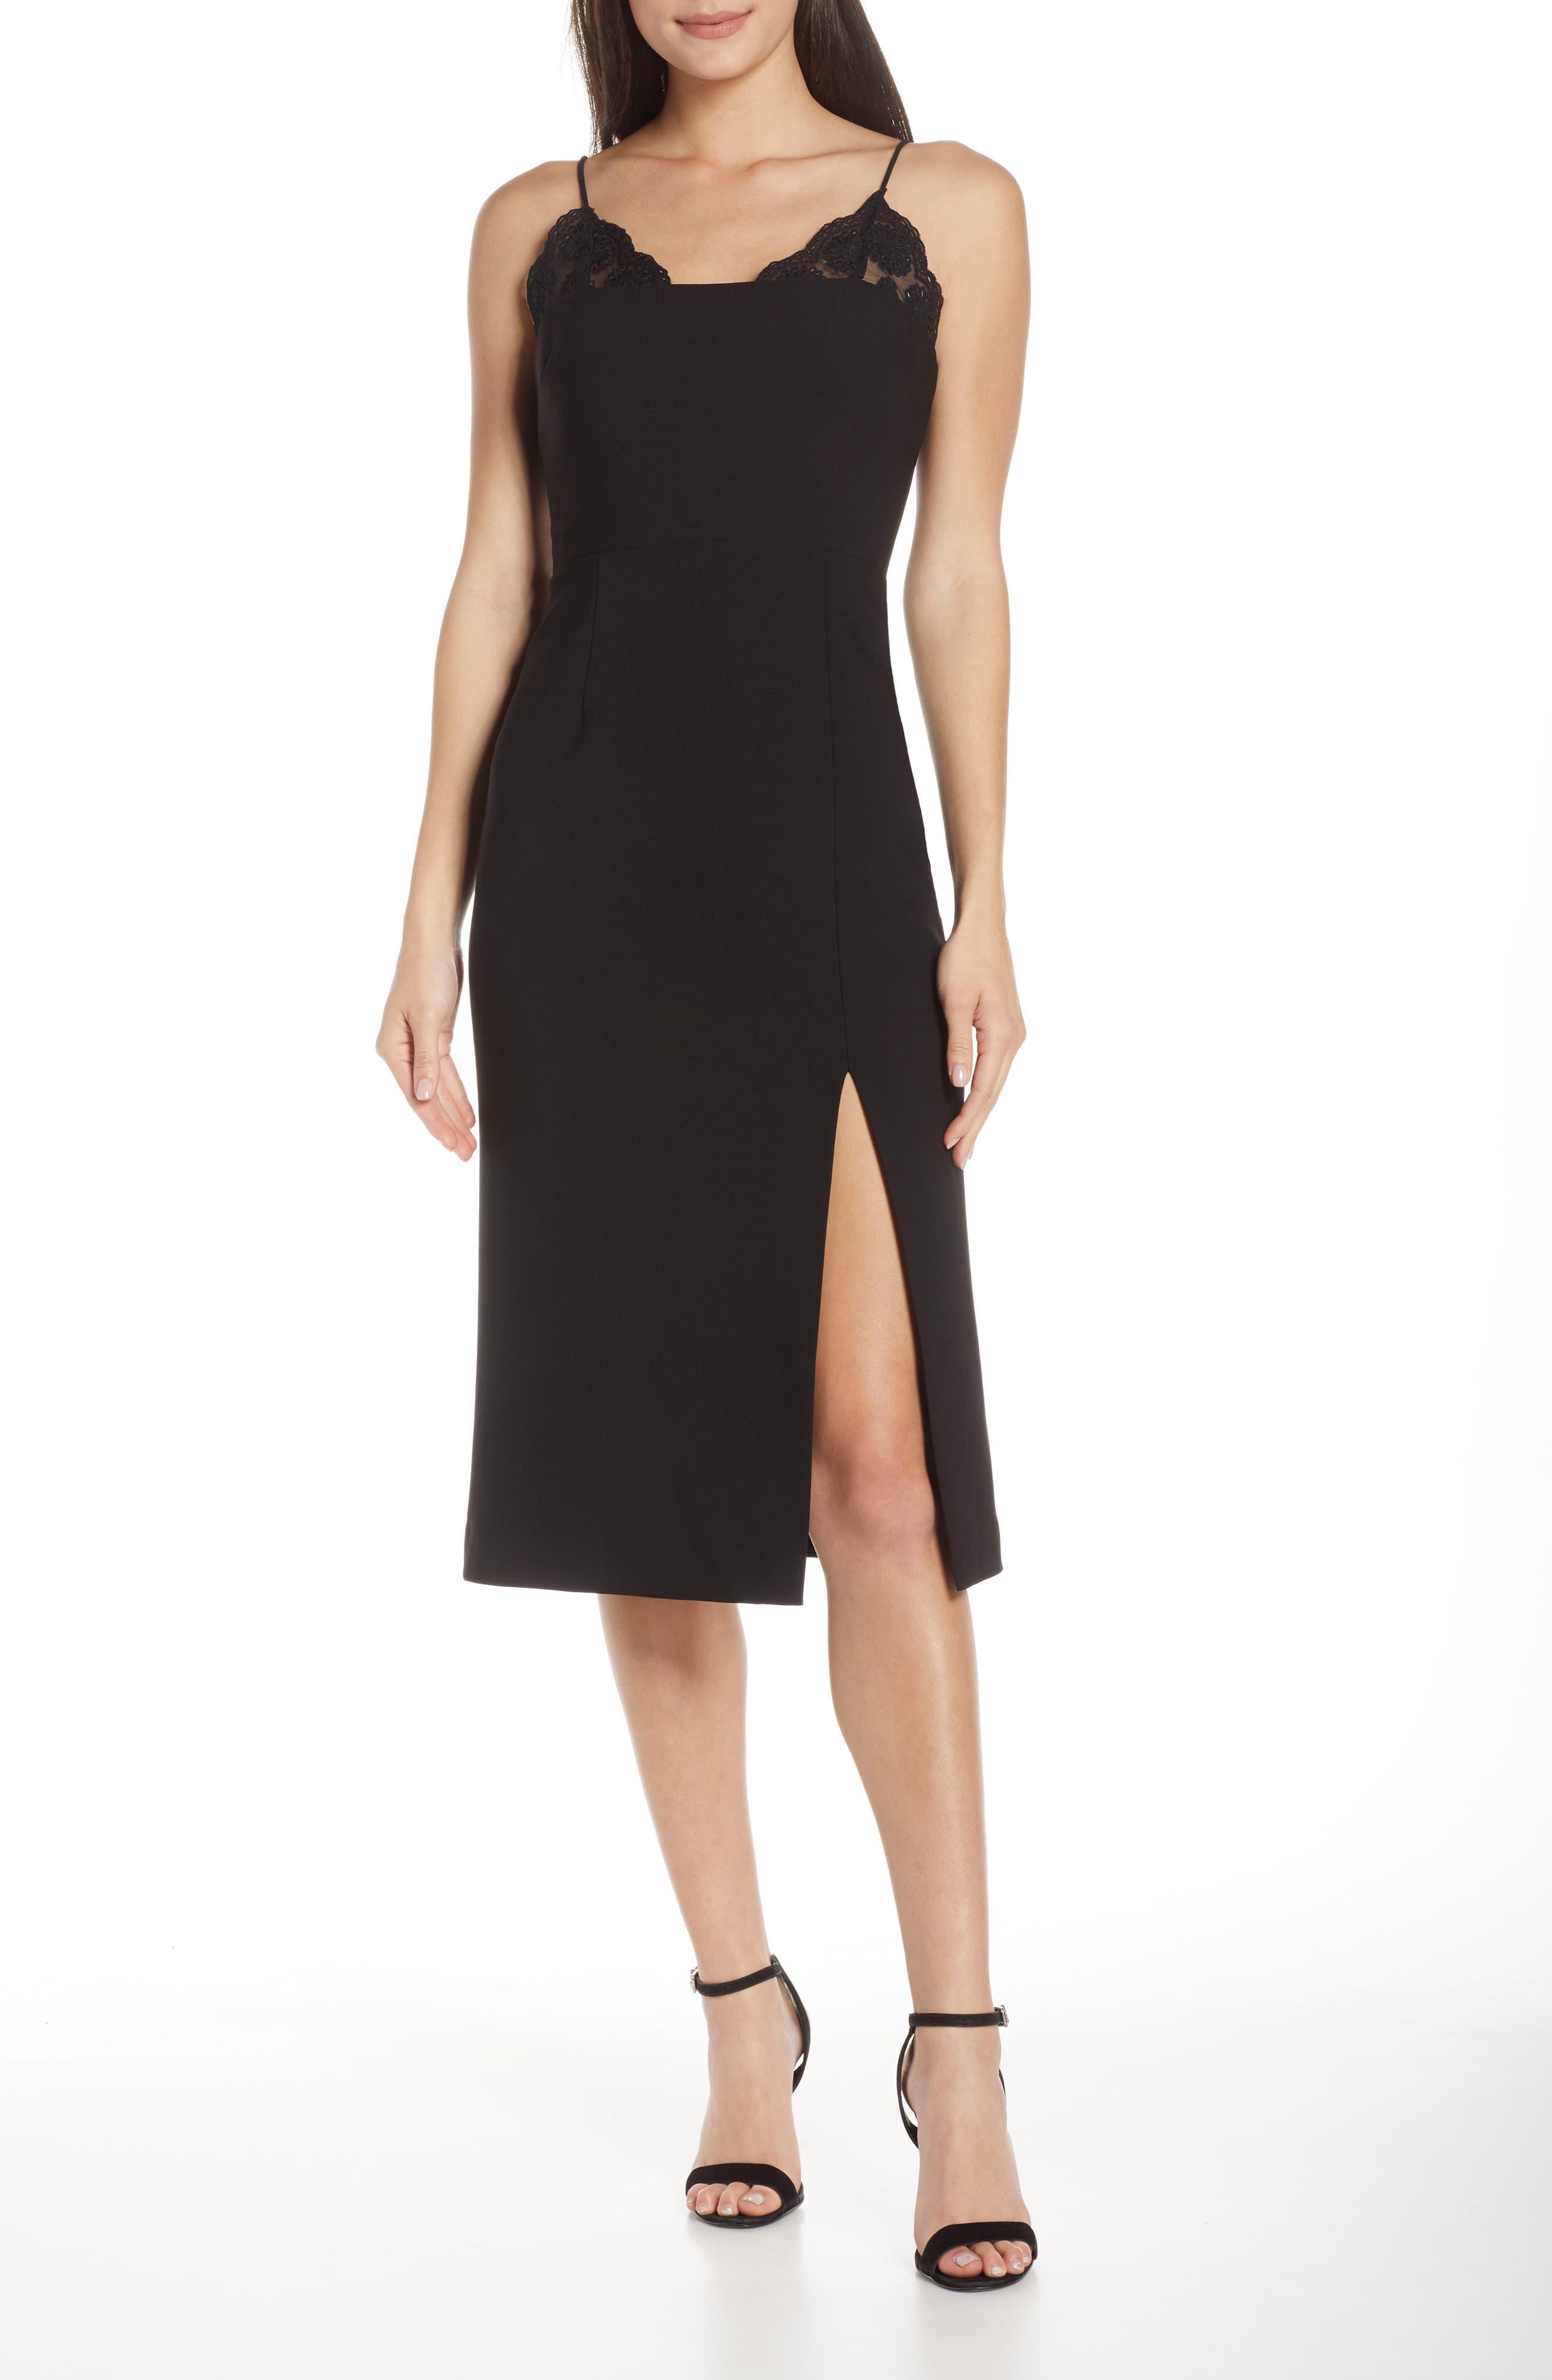 Finders Keepers Kobie Midi Dress, Black